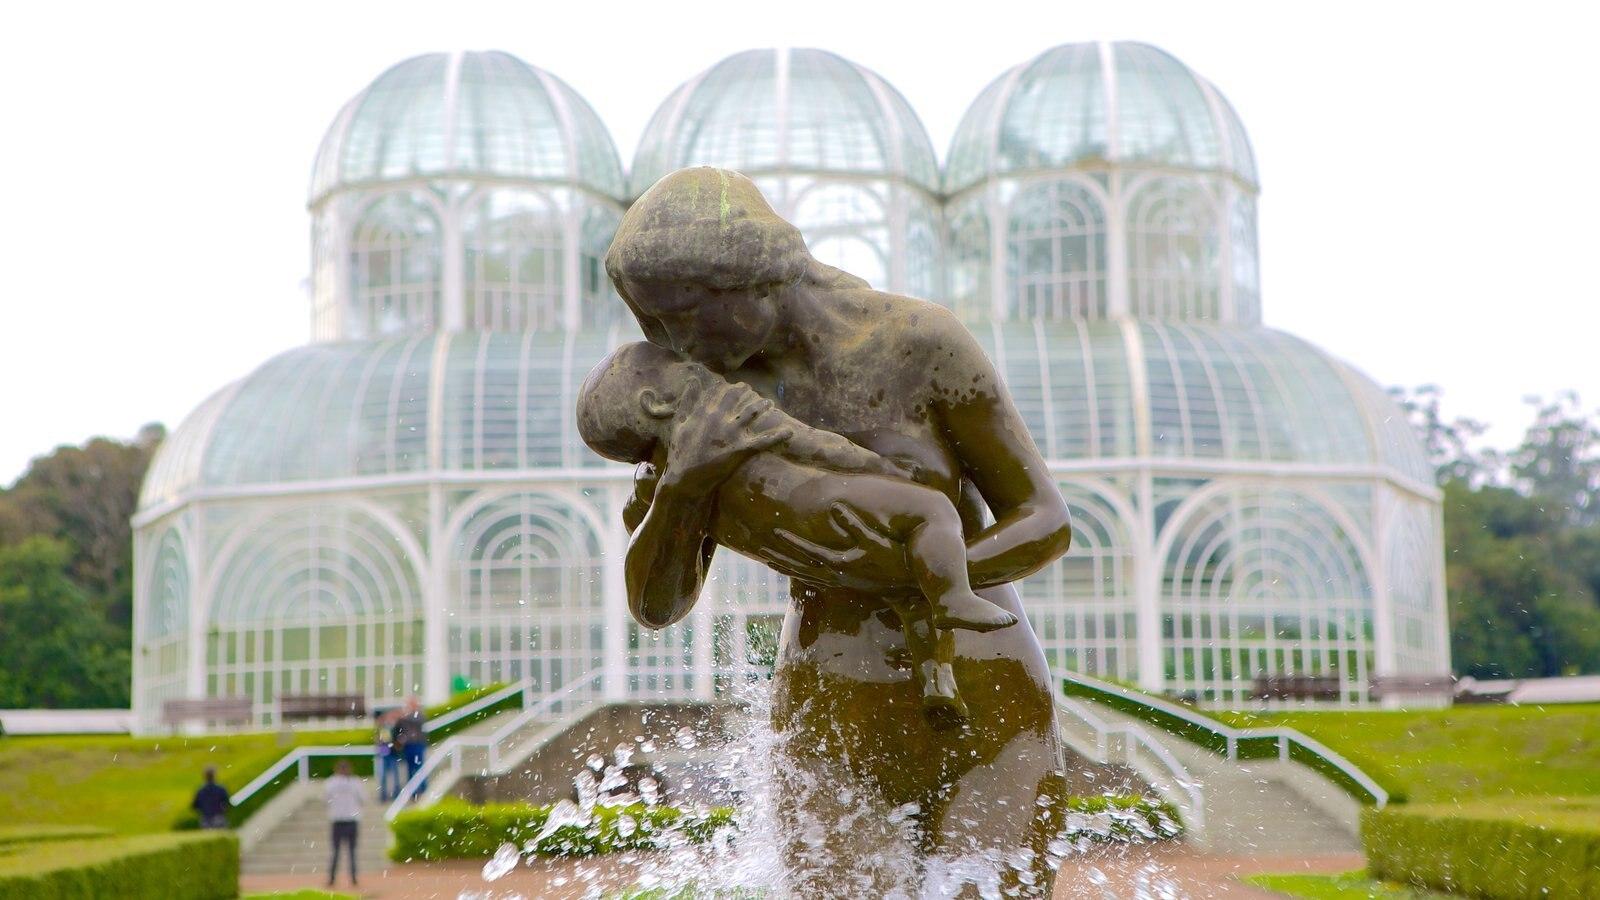 Parque Botânico de Curitiba caracterizando uma estátua ou escultura, arte ao ar livre e uma fonte